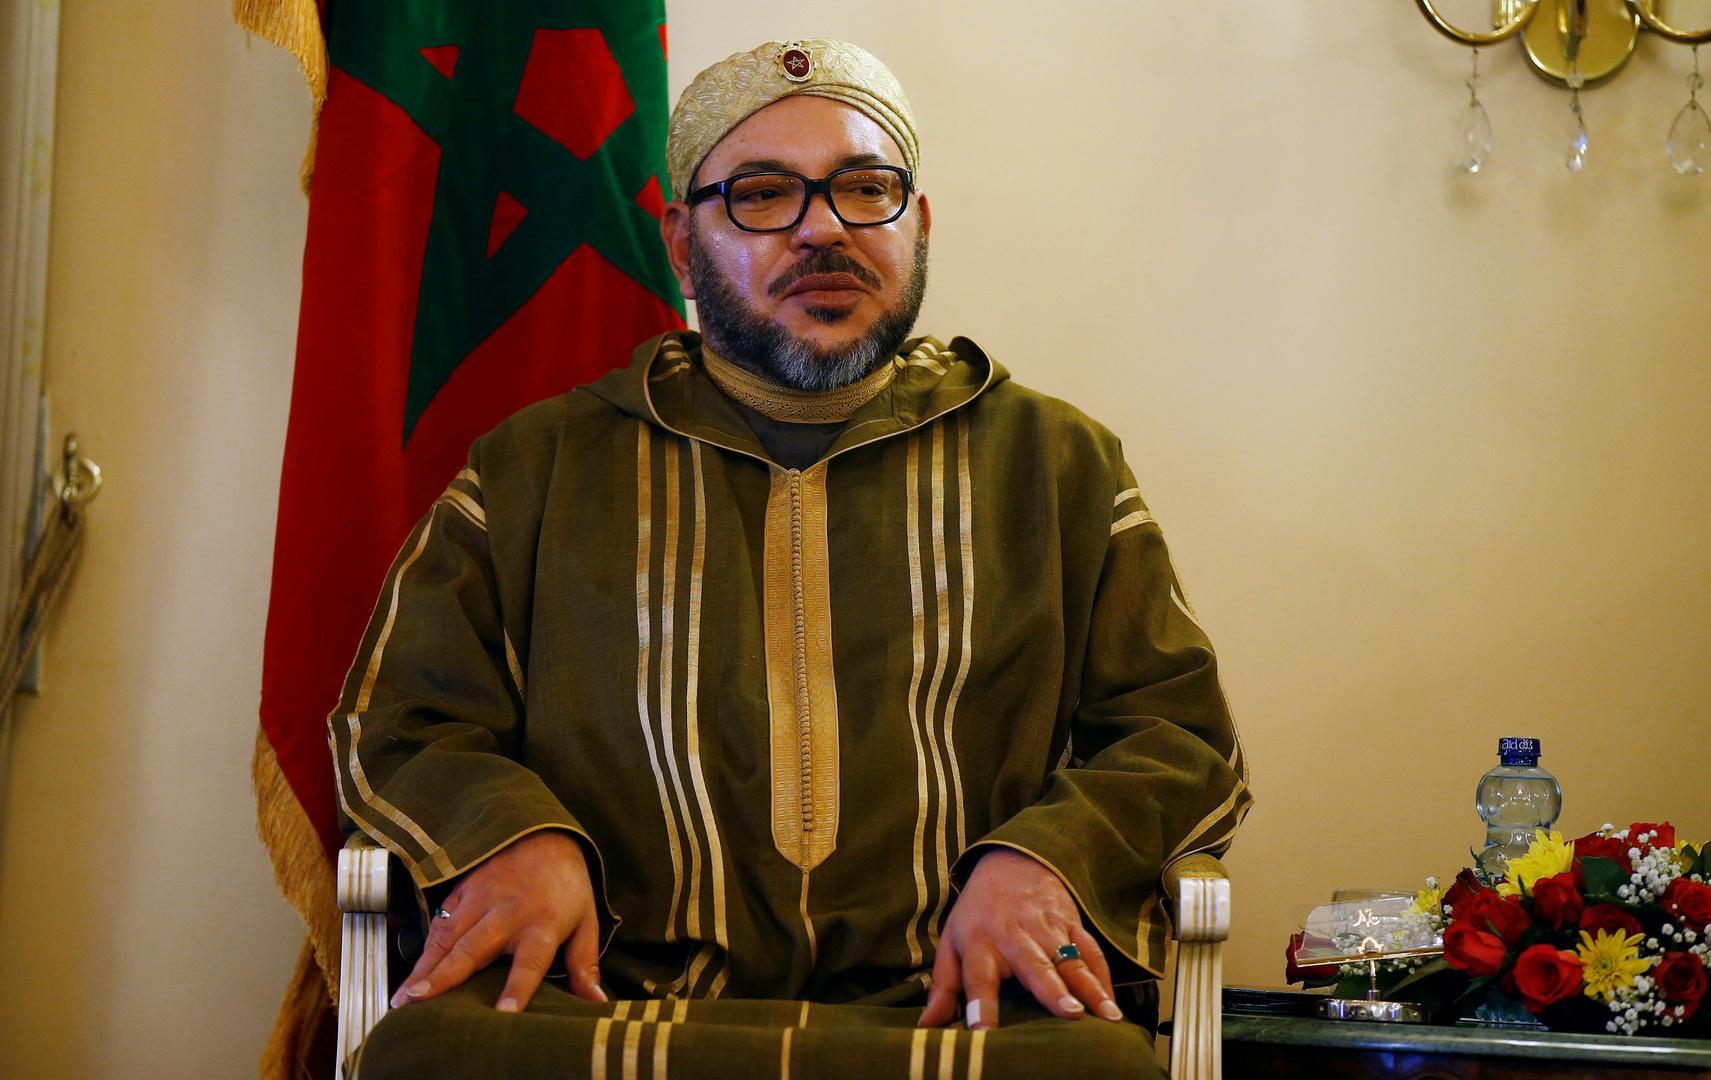 بعد الإعلان عن تطبيع المغرب مع إسرائيل.. محمد السادس يؤكد لعباس التزام الرباط بحل الدولتين